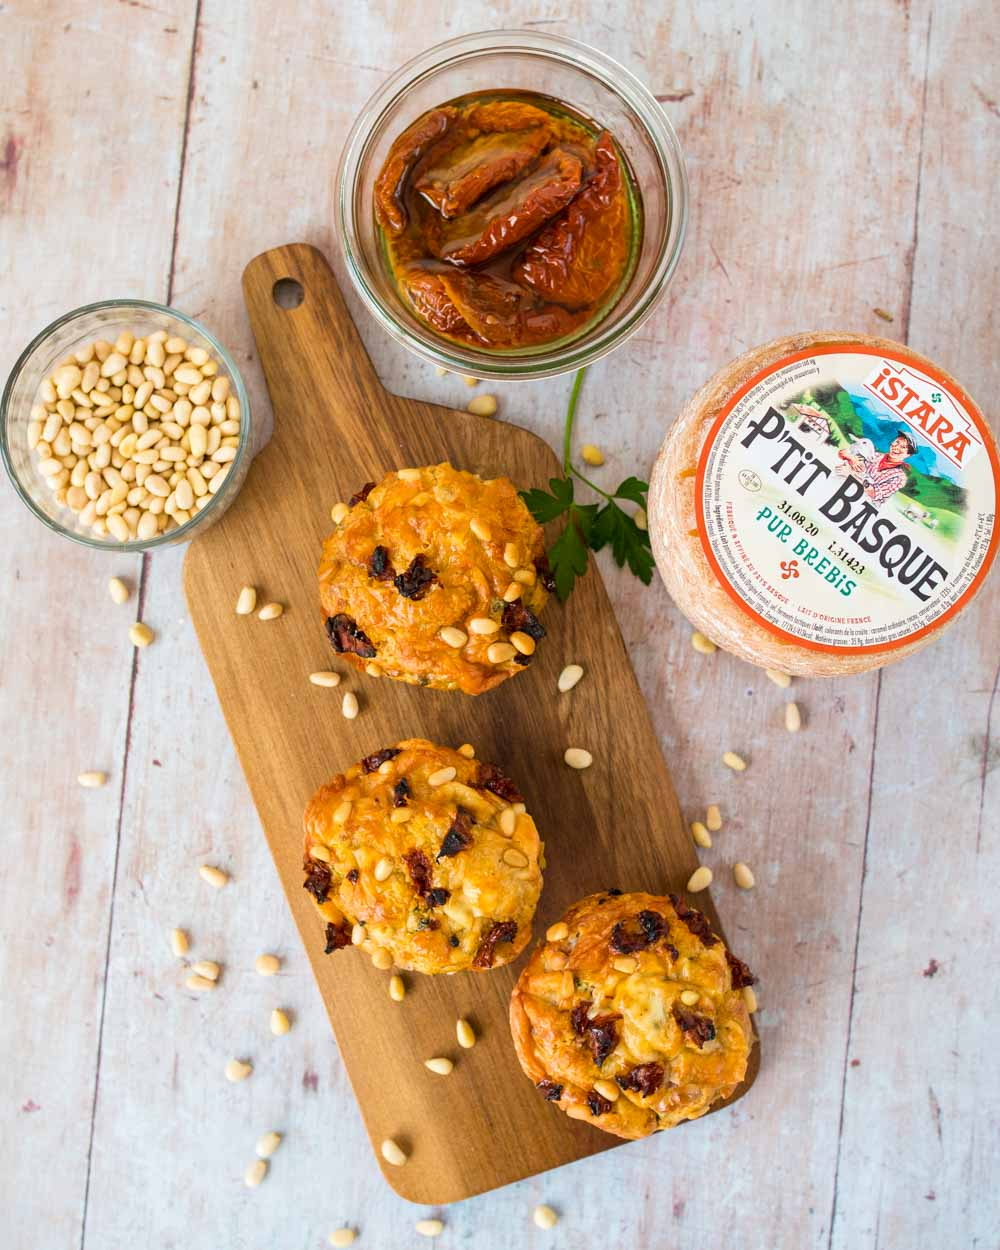 Muffins au P'tit Basque, courgette et tomates confites - la cerise sur le maillot